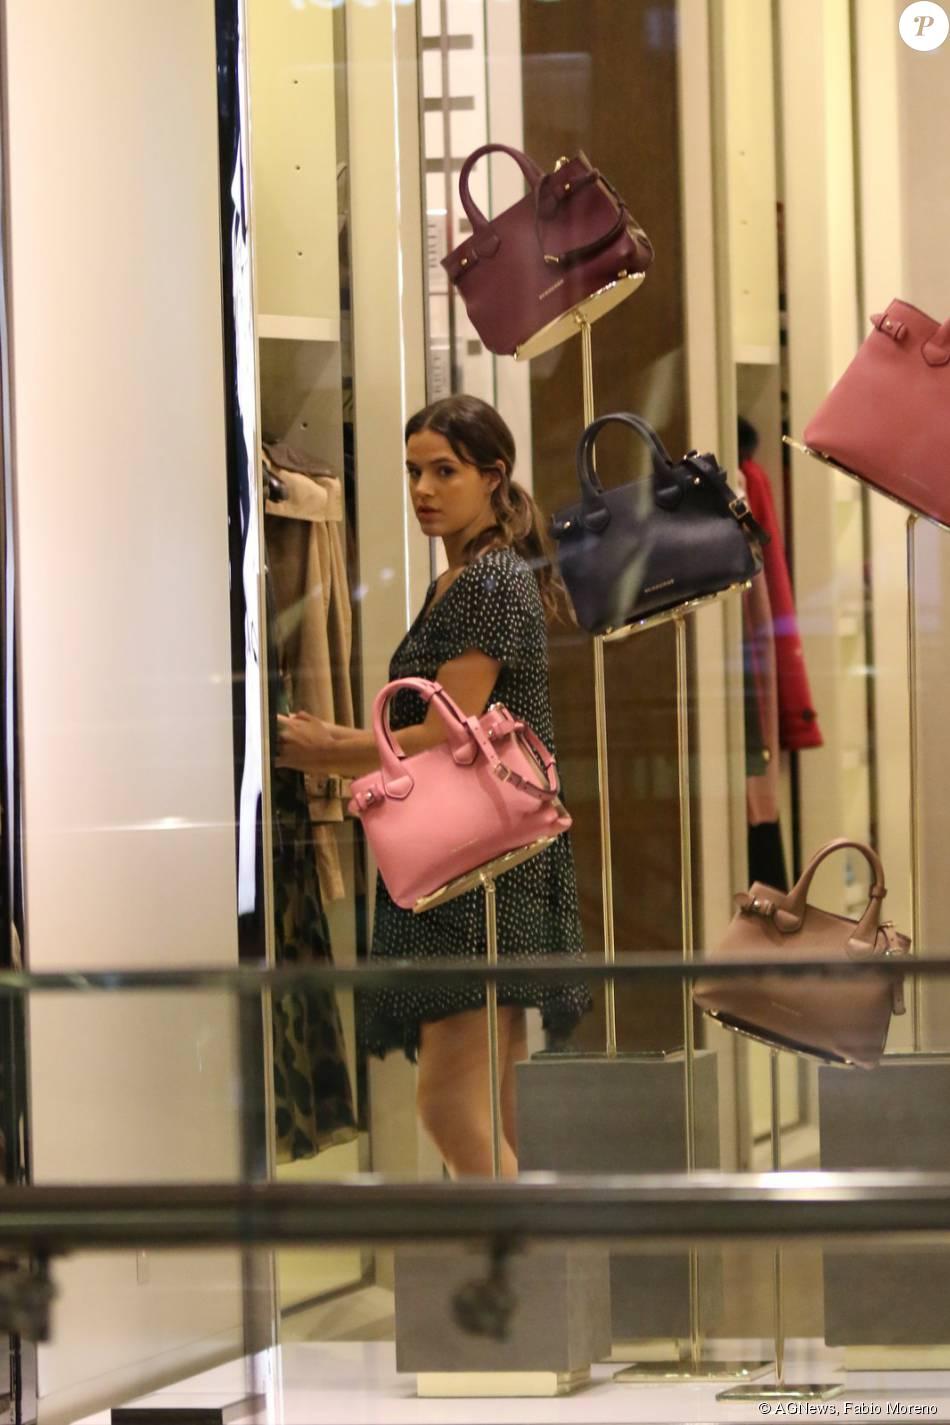 6f7de2ebed5 Bruna Marquezine também entrou um uma loja de bolsas no shopping Village  Mall na Zona Oeste do Rio de Janeiro